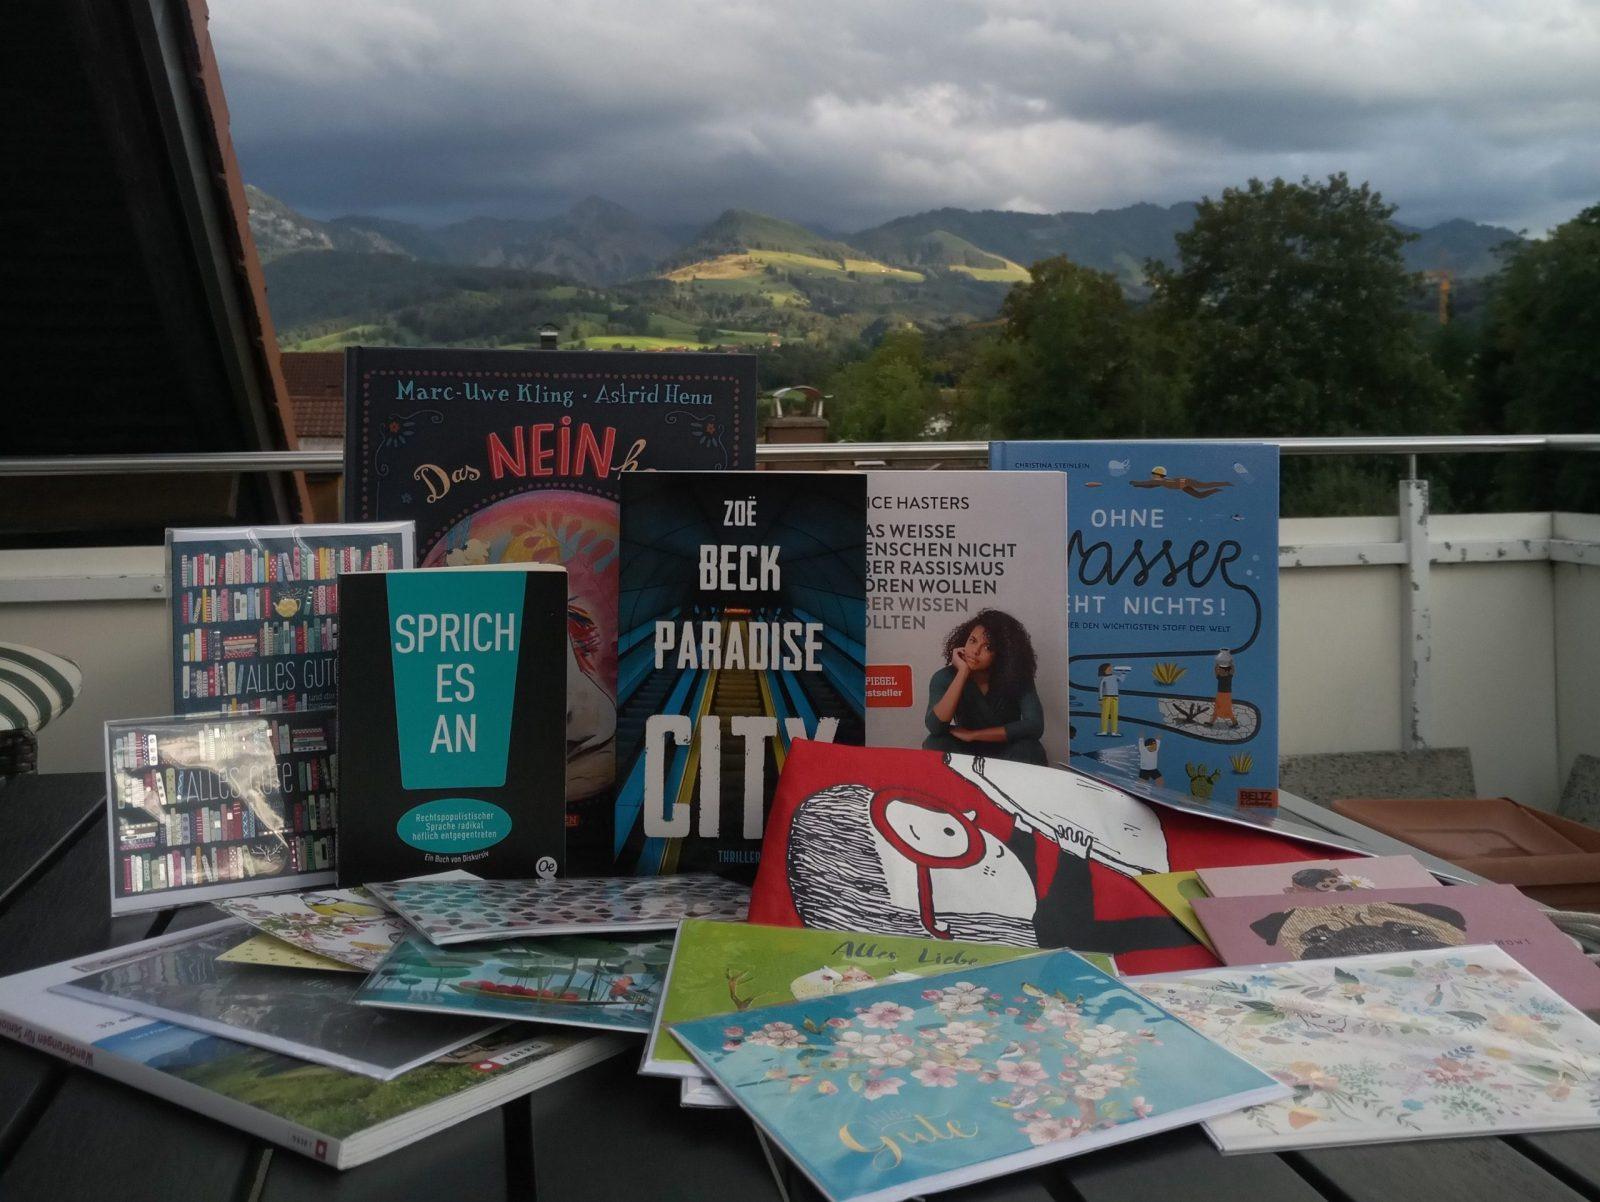 Der gesamte Büchereinkauf auf einem Tisch drappiert, dahinter Bergpanorama